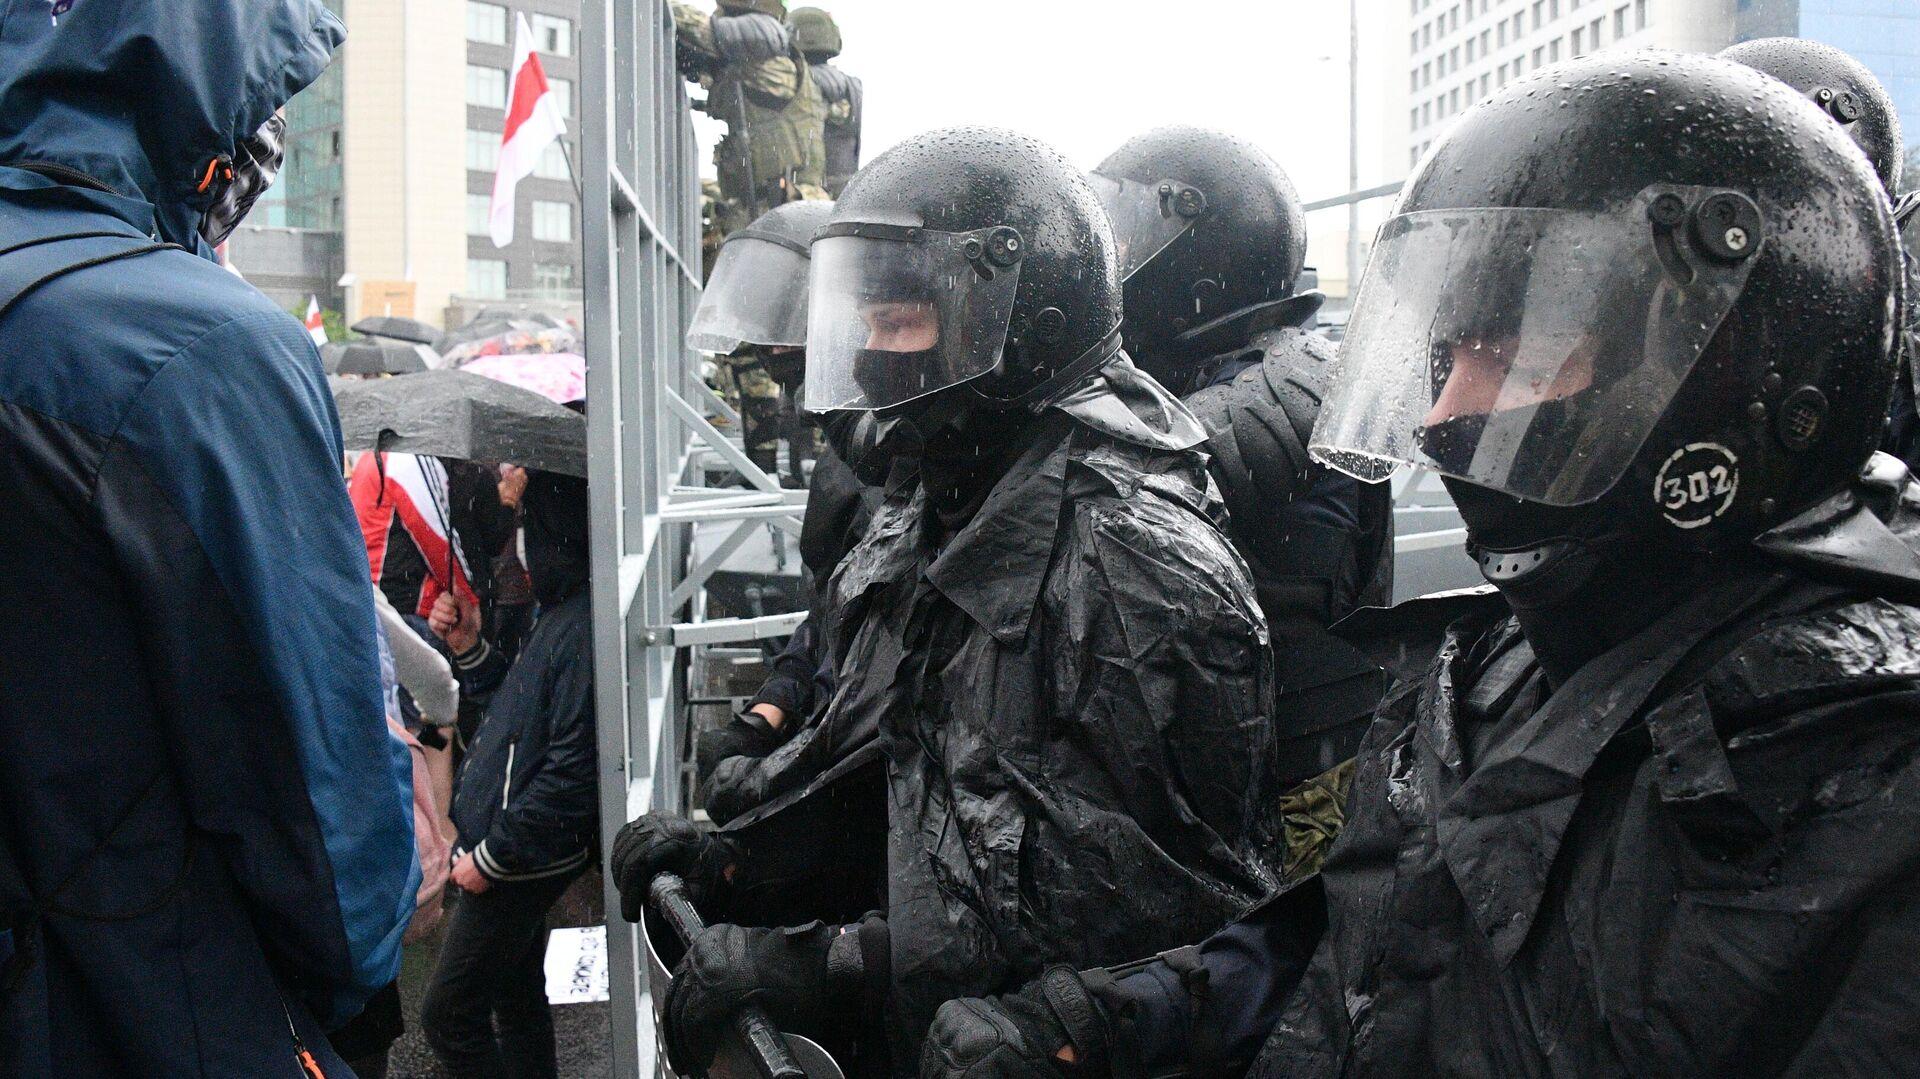 Сотрудники правоохранительных органов во время акции оппозиции Марш единства в Минске - РИА Новости, 1920, 14.02.2021